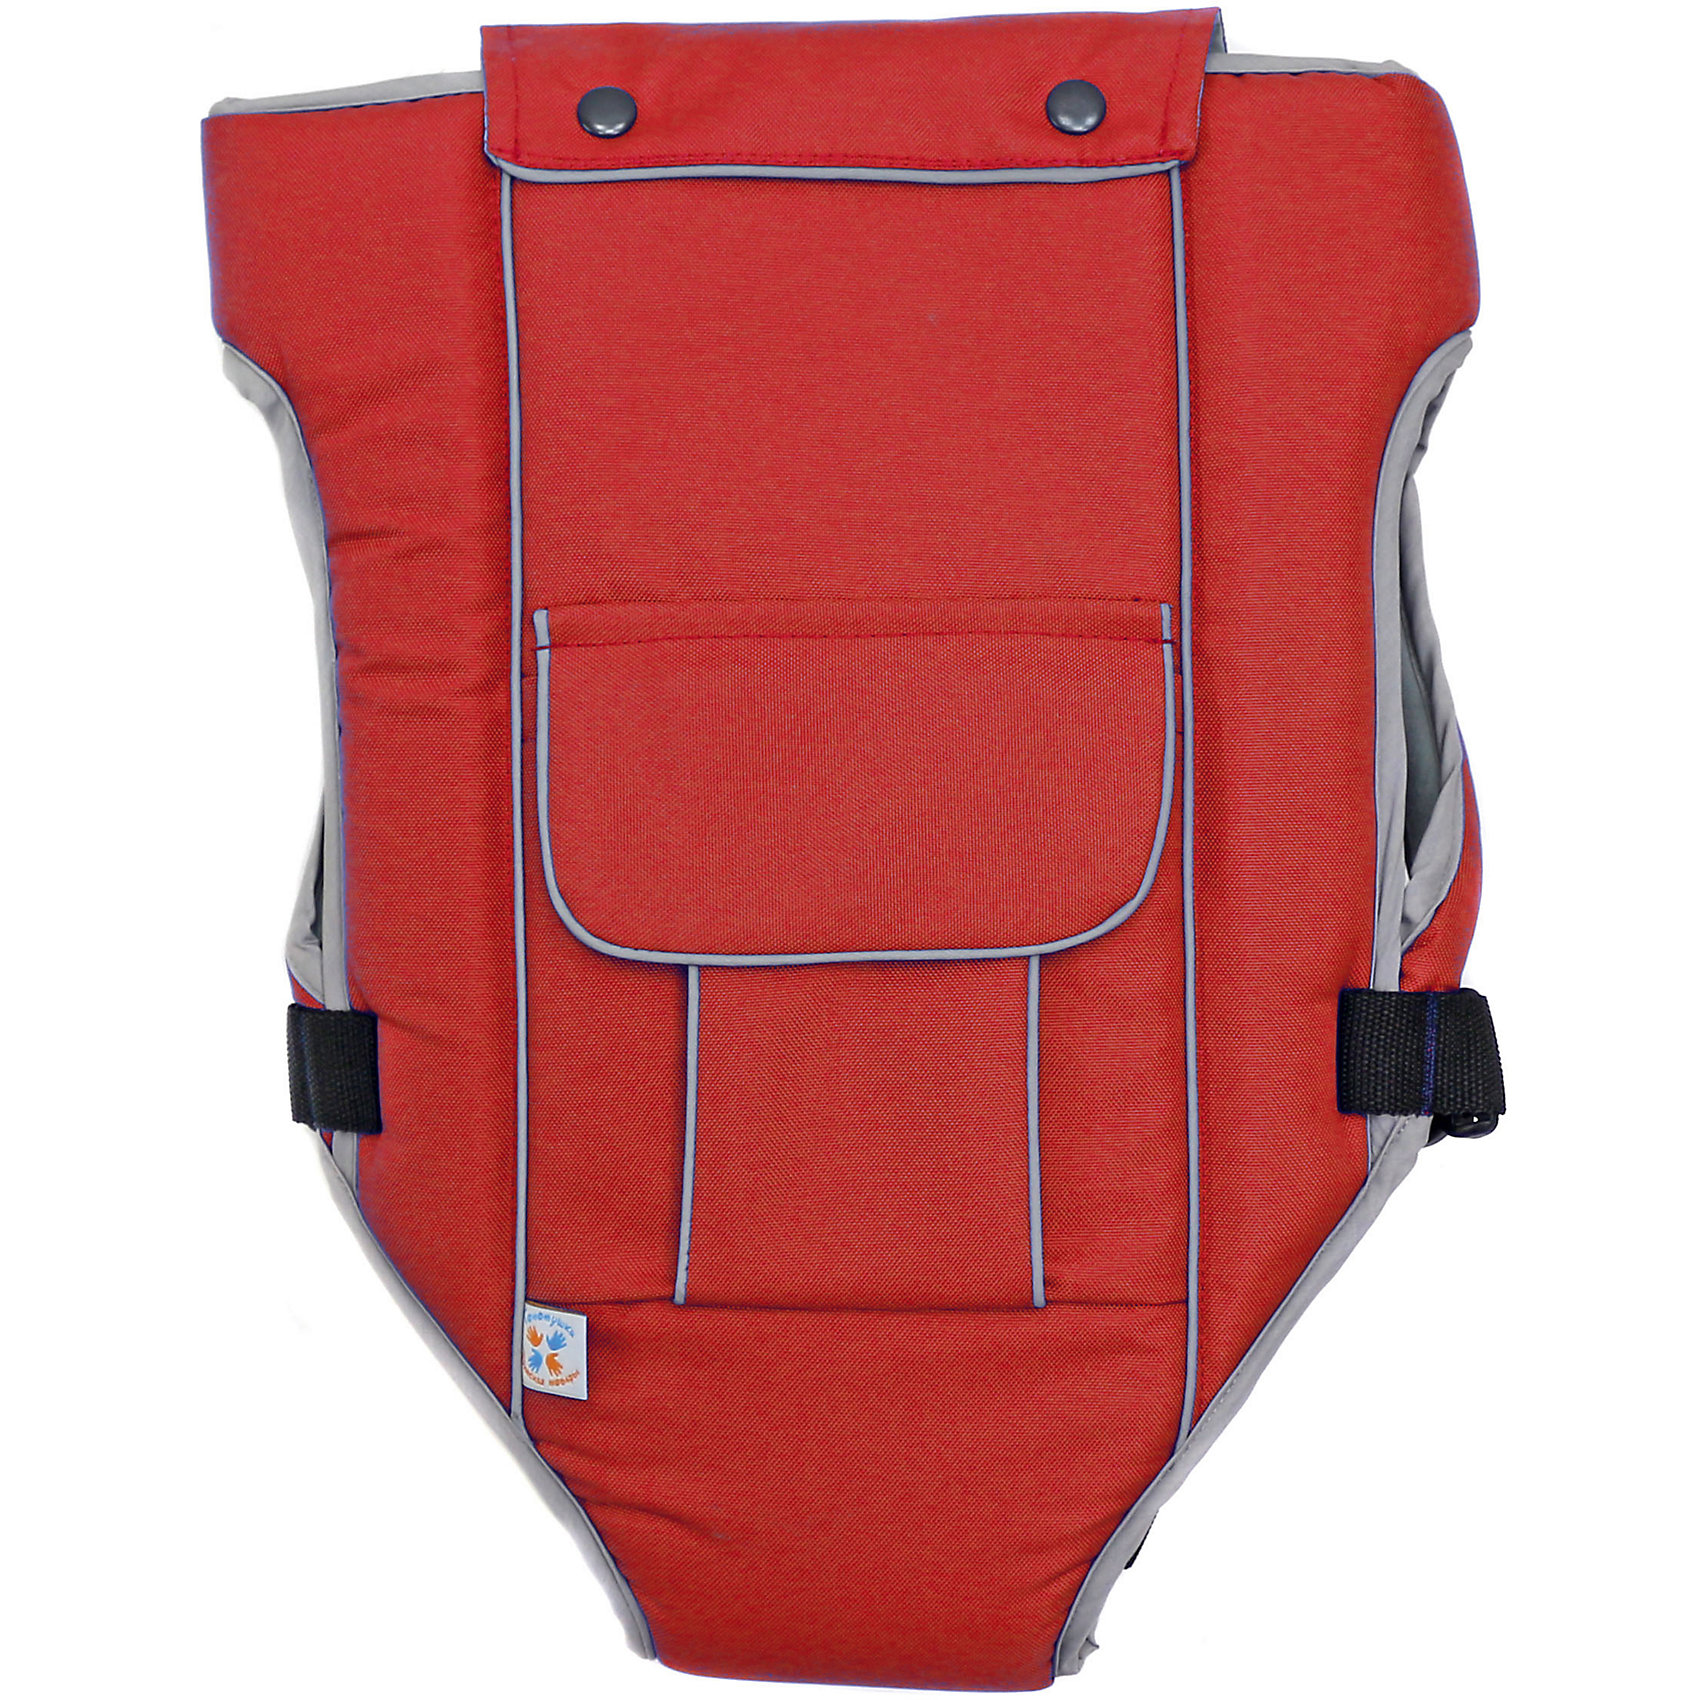 Рюкзак-кенгуру Универсал, Топотушки, красныйСлинги и рюкзаки-переноски<br>Рюкзак-кенгуру Универсал, Топотушки, красный<br><br>Характеристики:<br><br>-Возраст: от 2 до 12 месяцев<br>-Вес: от 3 до 11 кг<br>-Цвет: красный<br>-Материал: текстиль<br>-Расположение ребёнка: лицом к родителю, спиной к родителю<br>-Фиксация: пряжки и фиксаторы<br>-Мягкие плечевые ремни<br>-Капюшон <br>-Карман для различных предметов<br><br>Рюкзак-кенгуру Универсал, Топотушки, красный- это безопасный и удобный вариант переноски вашего малыша. Жесткая спинка зафиксирует спинку малыша, что предотвратит боли и дискомфорт в спине. Также рюкзак-кенгуру удобен для родителя. Он имеет мягкие вставки на плечевых ремнях, поэтому ремни не будут натирать кожу. Родитель может сам выбрать расположение малыша( лицом или спиной к себе). Регулируемые ремни позволят зафиксировать малыша, опираясь на фигуру родителя. <br><br>Рюкзак-кенгуру Универсал, Топотушки, красный можно приобрести в нашем интернет-магазине.<br><br>Ширина мм: 400<br>Глубина мм: 260<br>Высота мм: 10<br>Вес г: 300<br>Возраст от месяцев: 3<br>Возраст до месяцев: 12<br>Пол: Унисекс<br>Возраст: Детский<br>SKU: 5086328